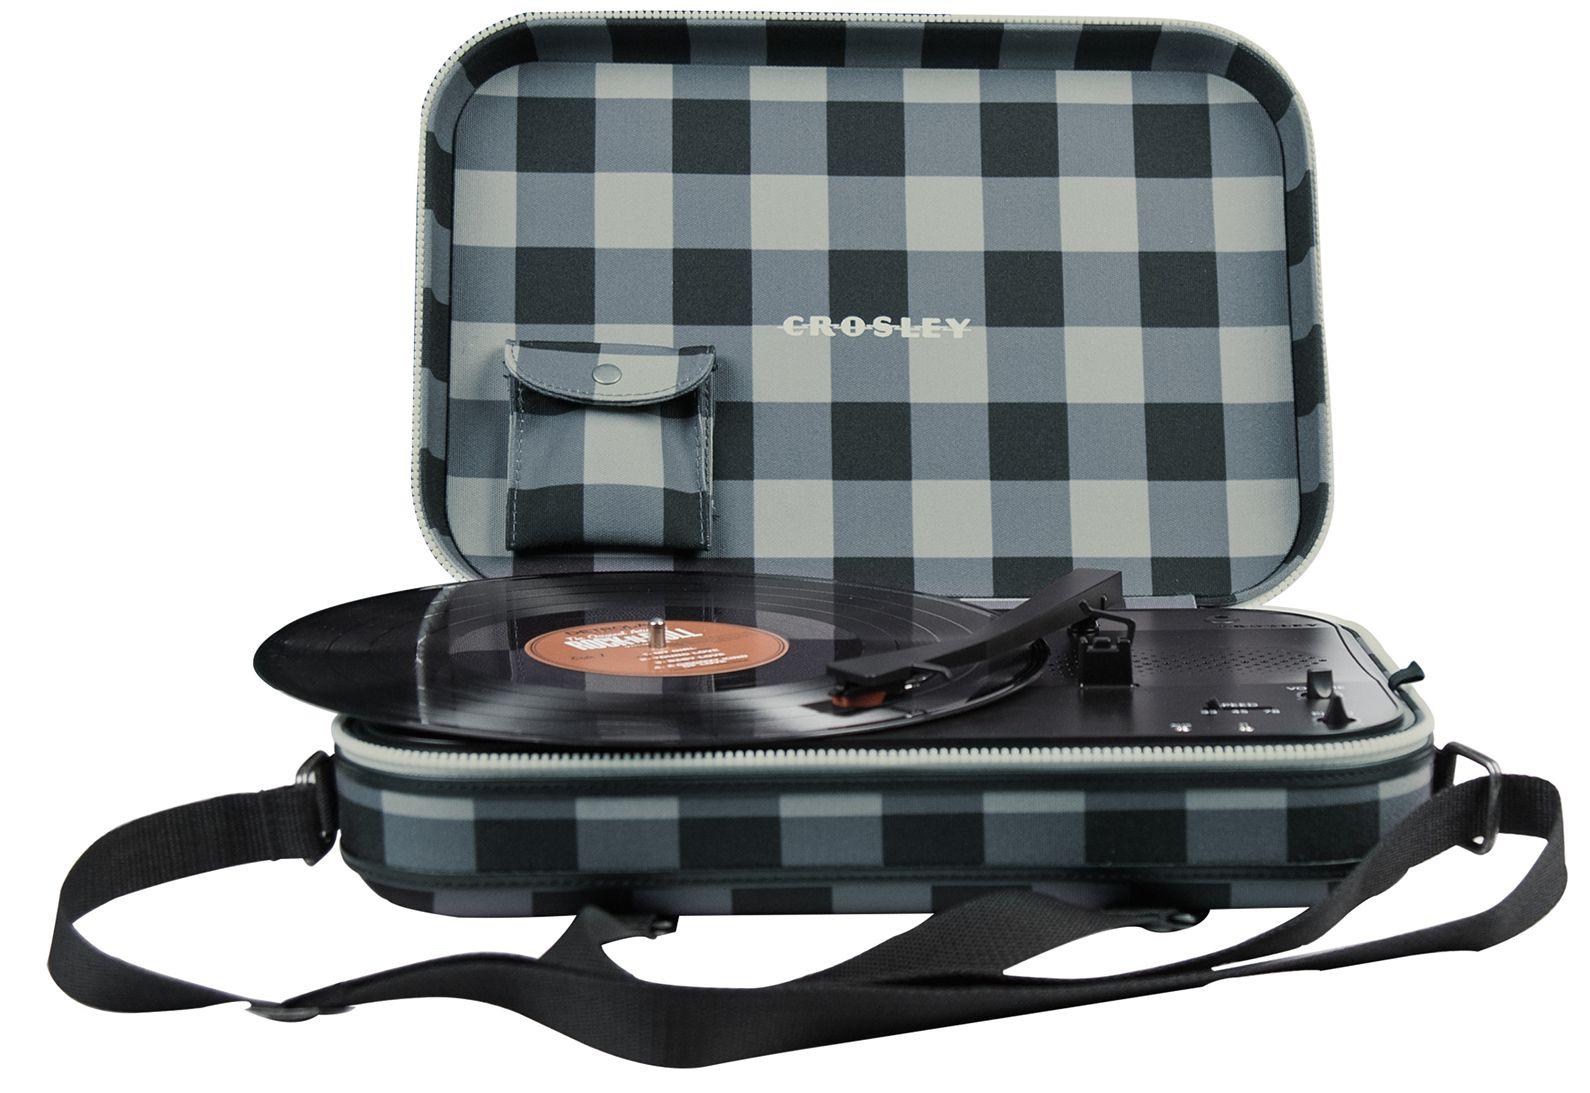 Виниловый проигрыватель Crosley Messenger (CR8016A-GC)C музыкой по пути! Стильная сумка через плечо, легкий вес, модный дизайн, три скорости воспроизведения пластинок, возможность работы от батареек или блока питания, встроенные колонки или джек для наушников – все это Сrosley Messenger.<br>